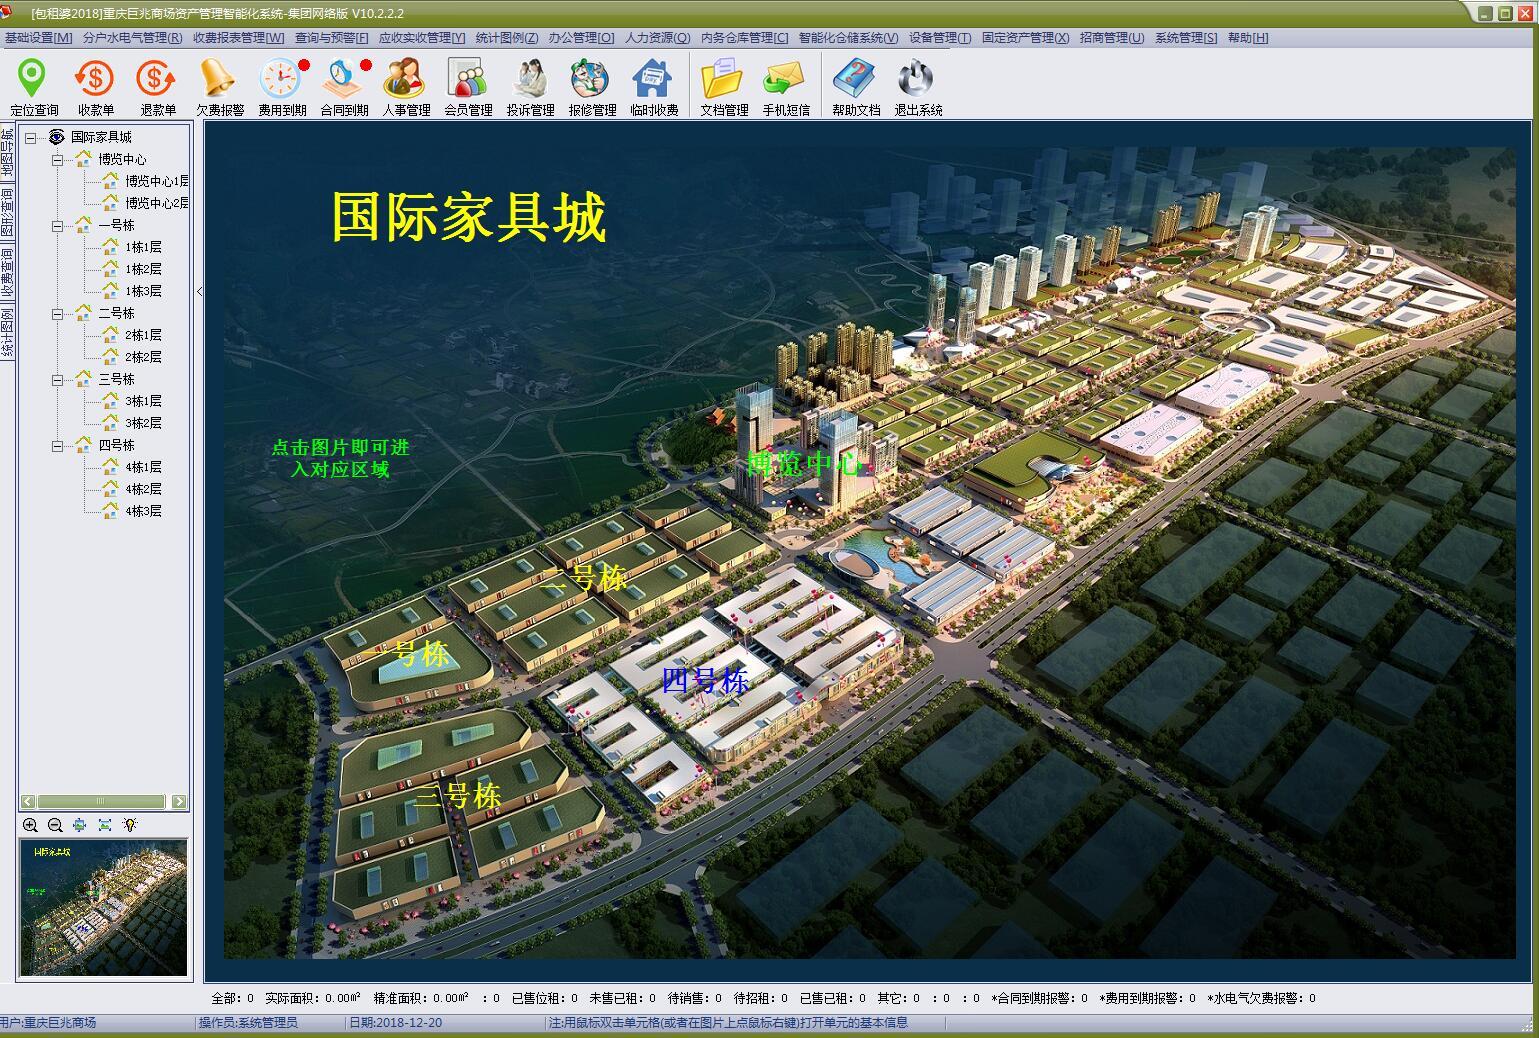 湖南裕容商业发展有限公司签约包租婆商场市场租赁管理软件